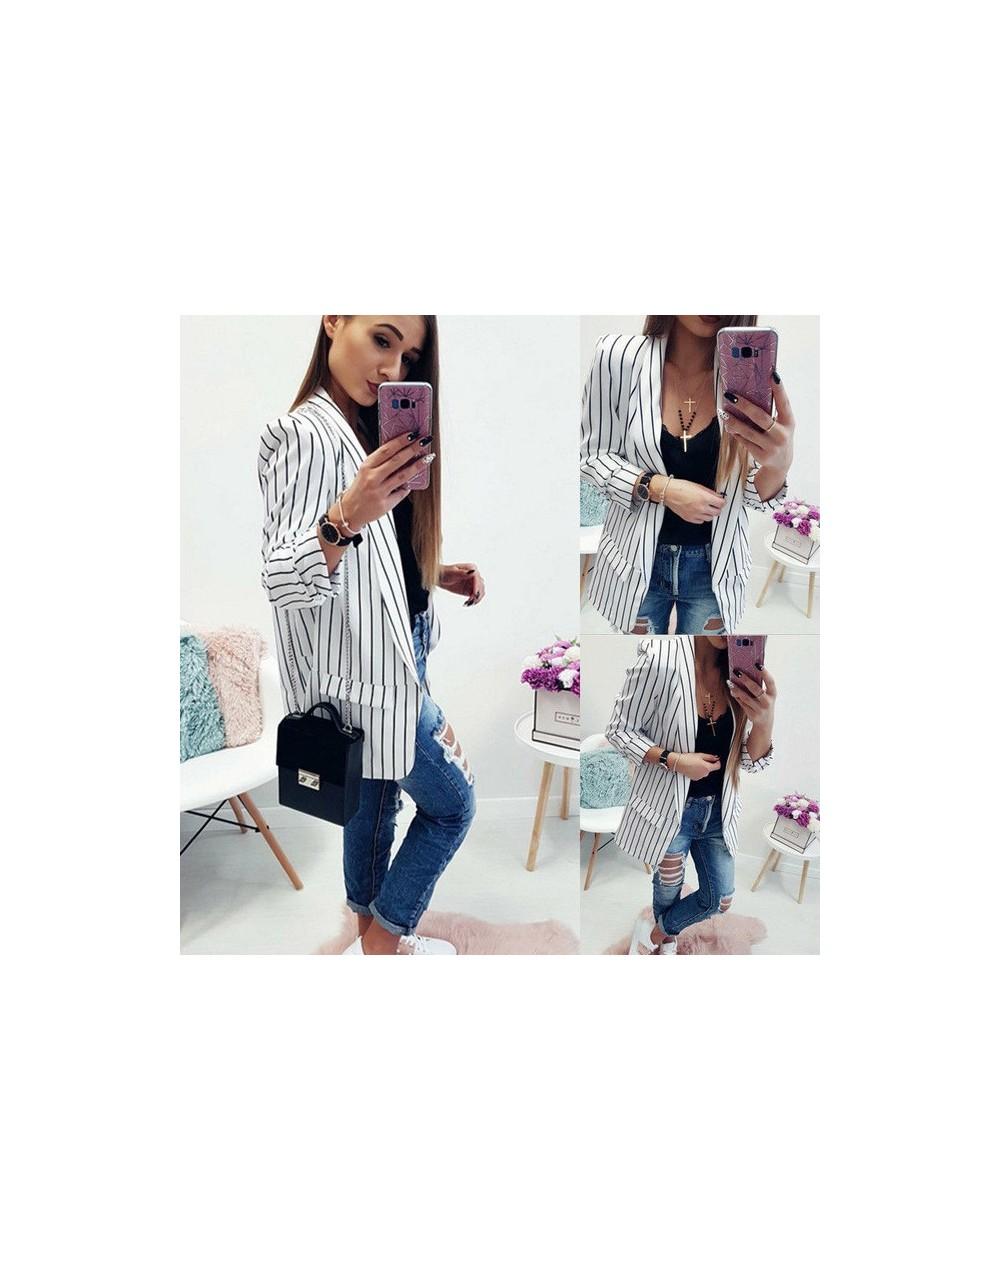 2019 Autumn Women Suit Coat Women Long Sleeve Waterfall Sweater Jumper Jacket Loose Coat Outwear - White - 4R3003211447-2